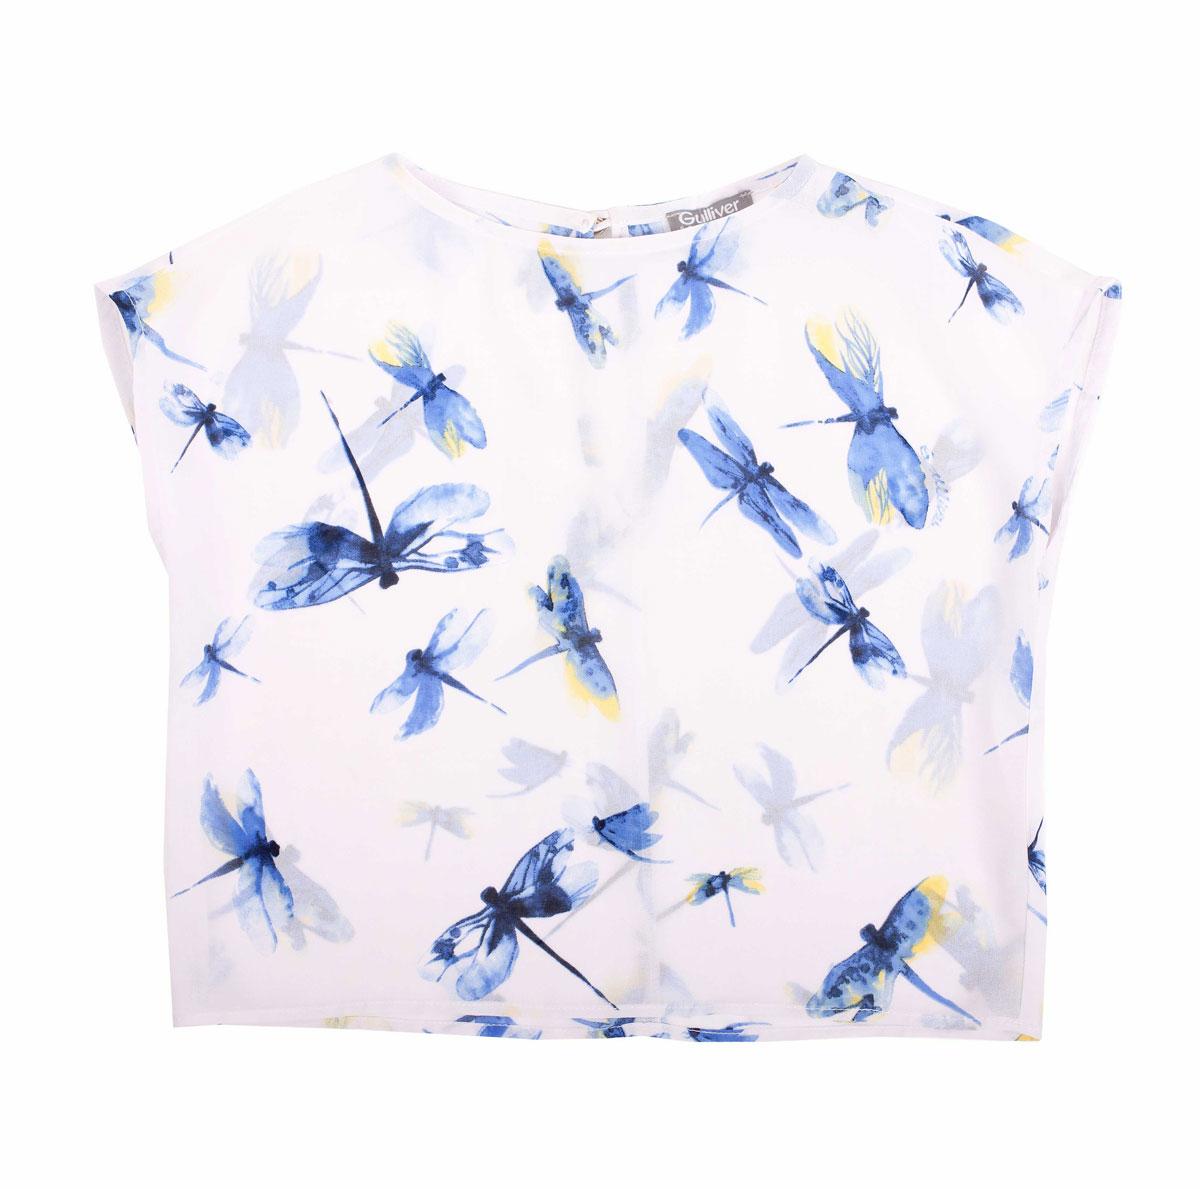 Блузка для девочки Голубая стрекоза. 11602GMC220311602GMC2203Модная блузка для девочки Gulliver Голубая стрекоза идеально подойдет вашей малышке. Изготовленная из натурального хлопка, она позволяет телу дышать, не раздражает даже самую нежную и чувствительную кожу ребенка, обеспечивая наибольший комфорт. Модель свободного кроя с круглым вырезом горловины оформлена принтом в виде стрекоз. На спинке изделие застегивается на пуговицу. Оригинальный современный дизайн делает эту блузку модным и стильным предметом детского гардероба.